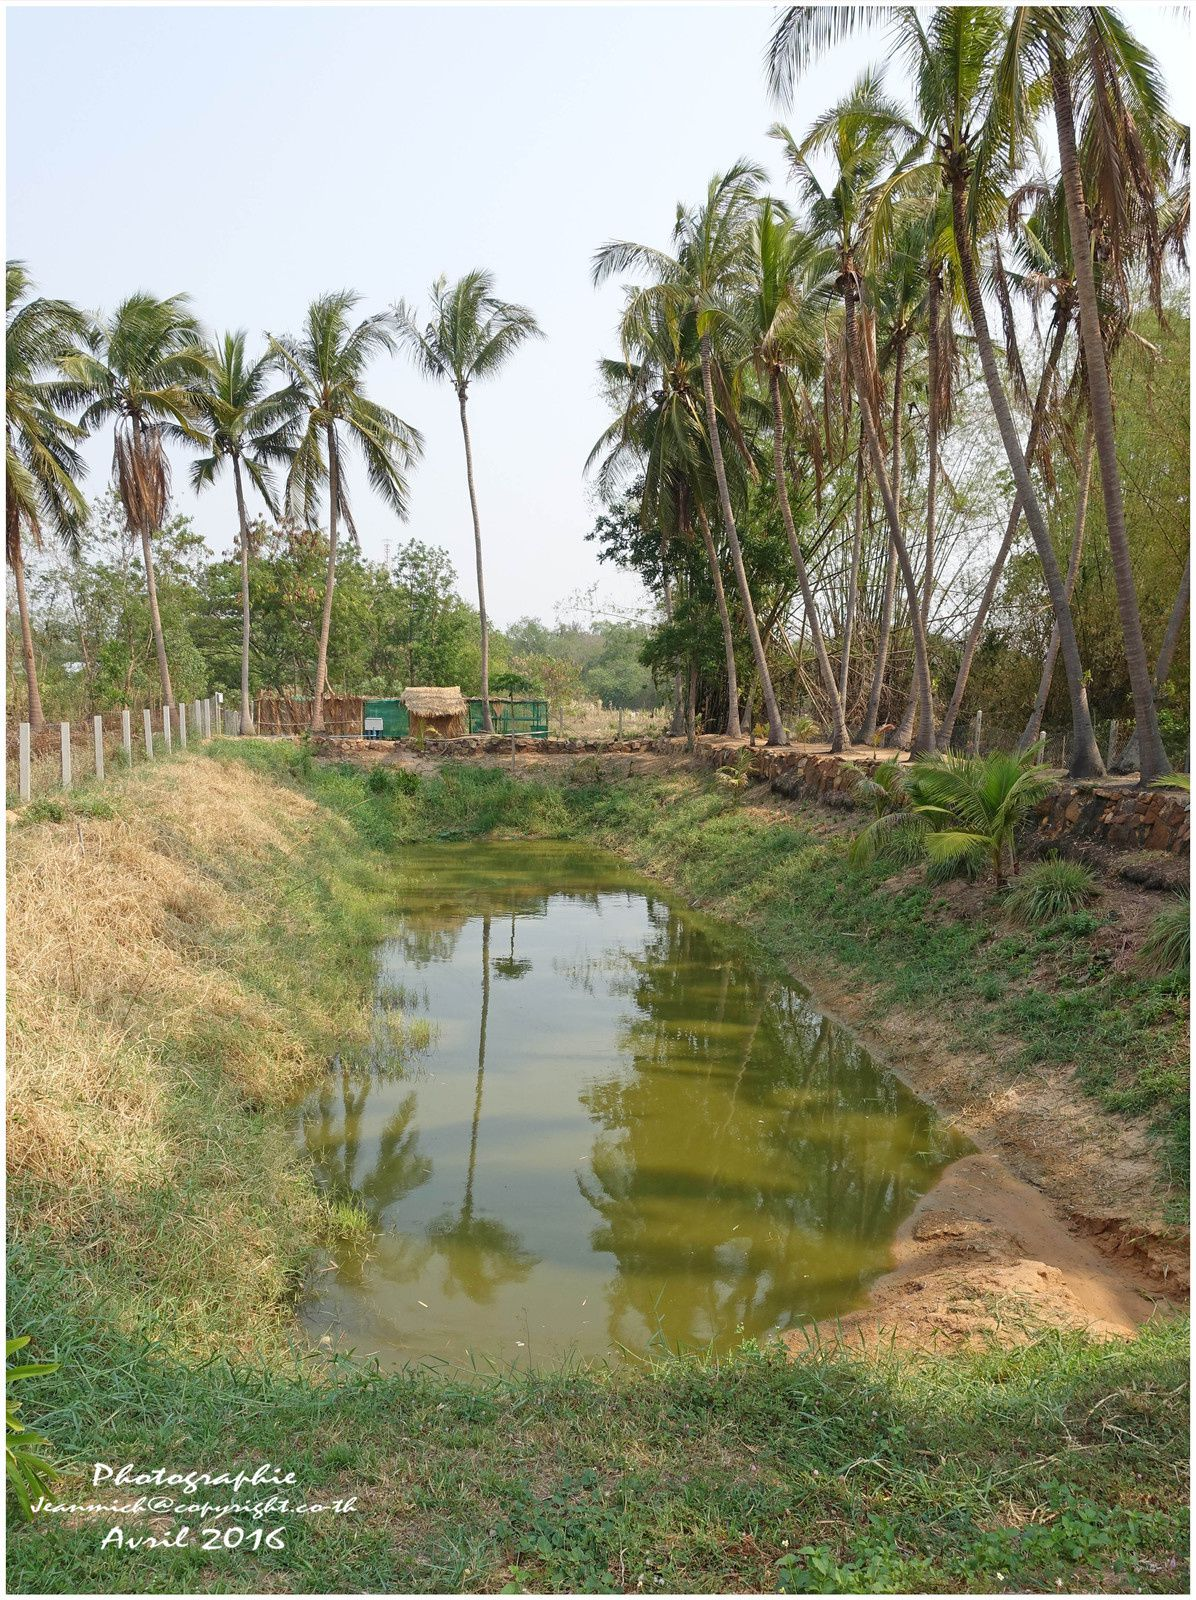 L'étang de notre ami Armand, plus beaucoup d'eau pour ses poissons, il manque au moins 2,5 mètres